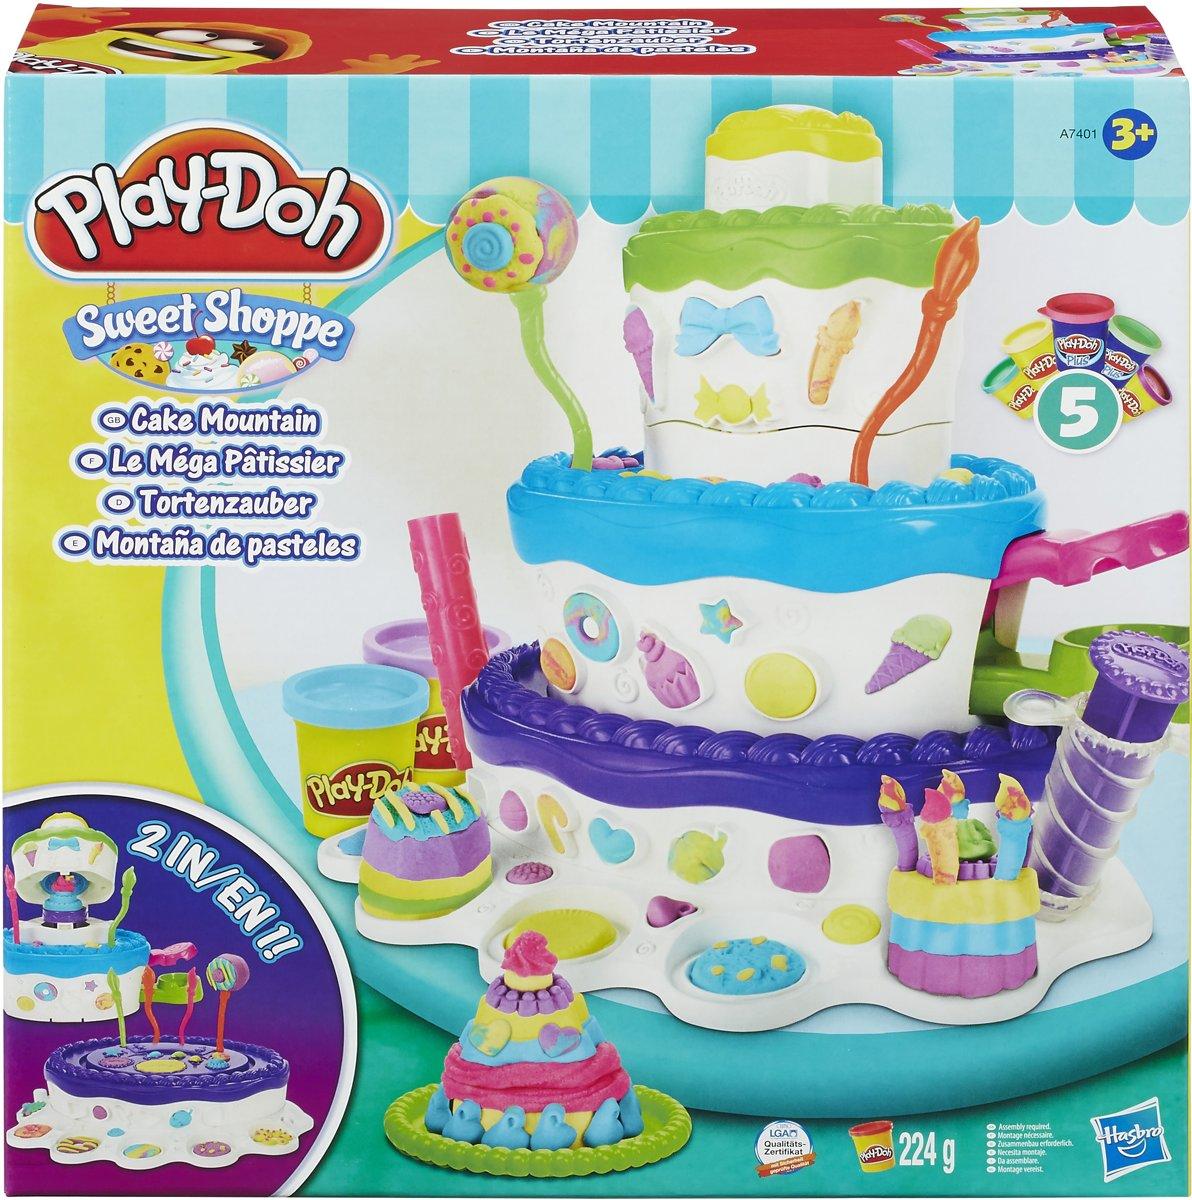 Play-Doh Cake Mountain - Klei